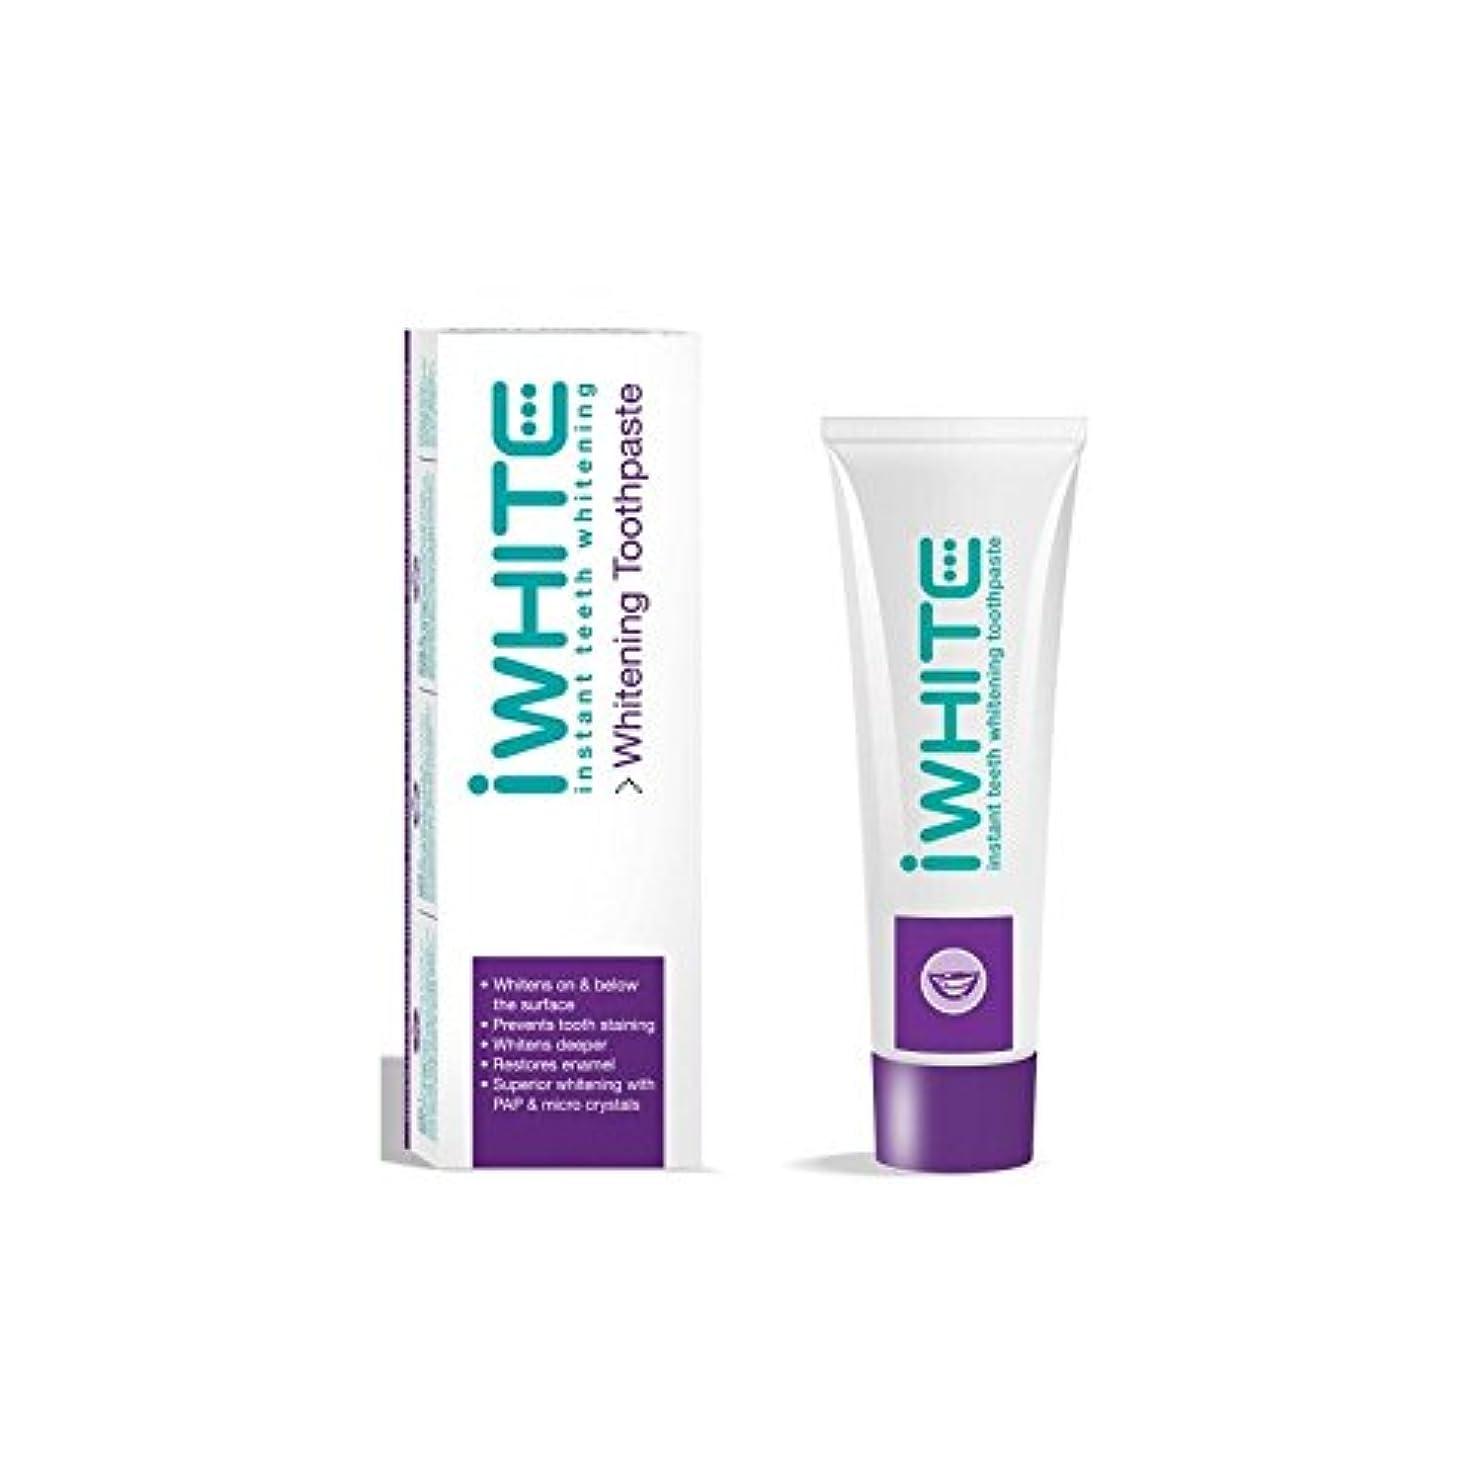 開梱学校教育住人歯磨き粉を白くインスタント歯(75ミリリットル) x2 - iWhite Instant Teeth Whitening Toothpaste (75ml) (Pack of 2) [並行輸入品]